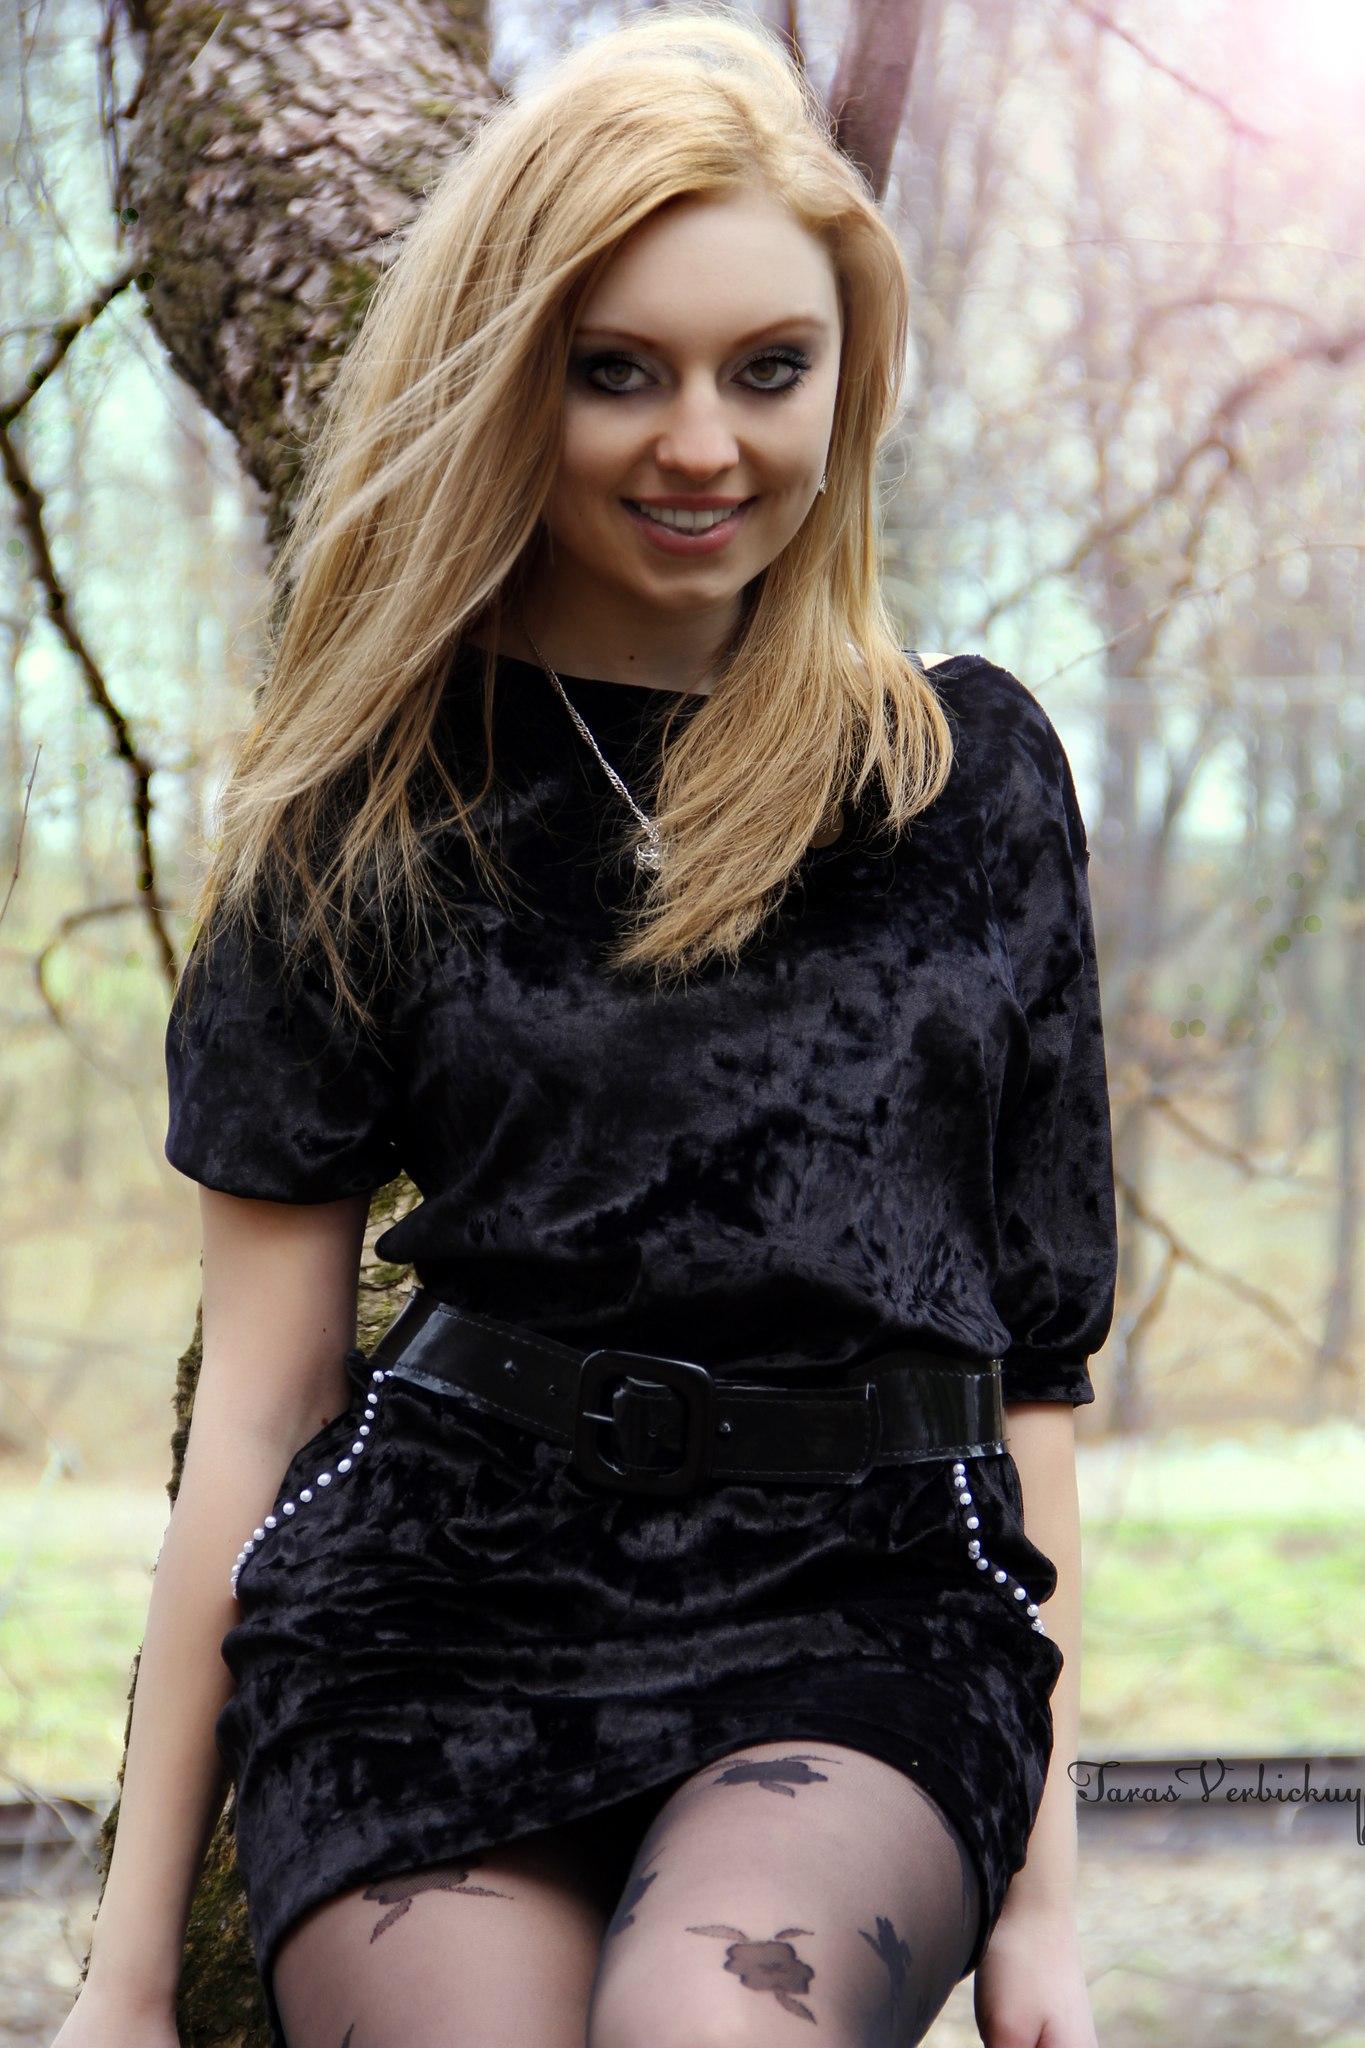 Блондинка в чёрном длинном платье со спины Девушки со